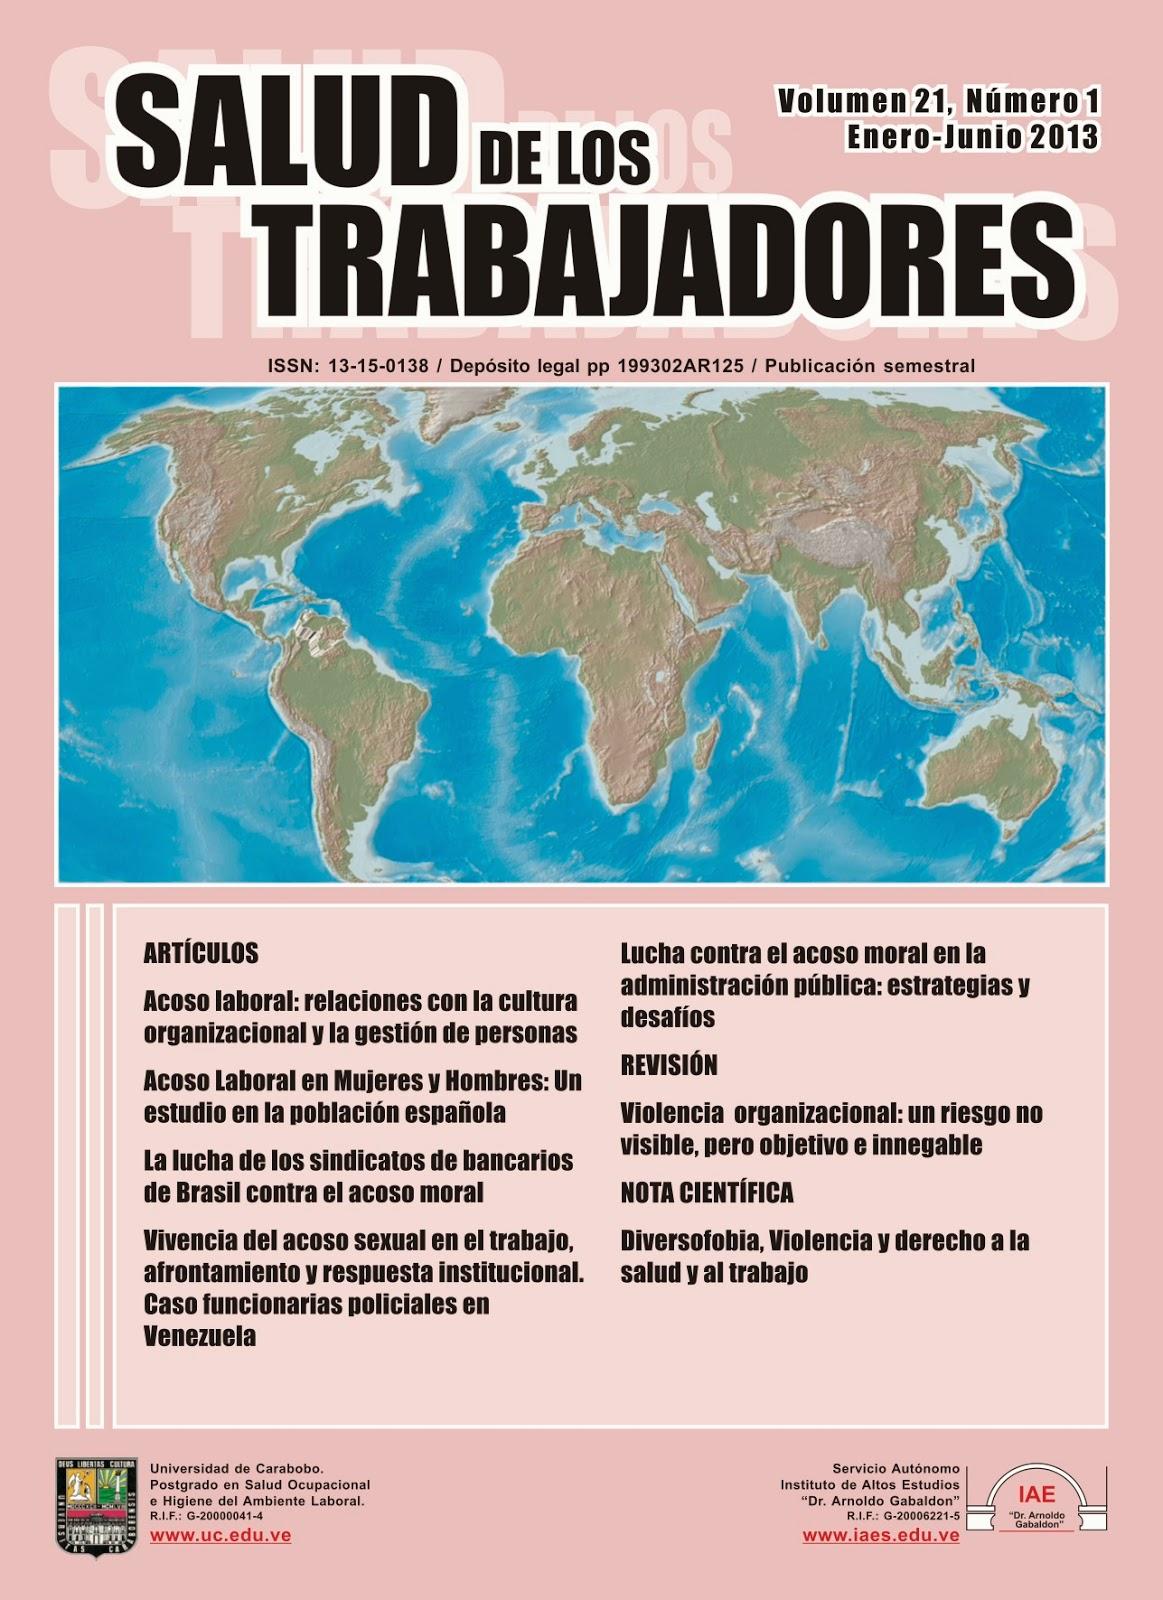 Lucha contra el acoso moral en la administración pública: estrategias y desafios